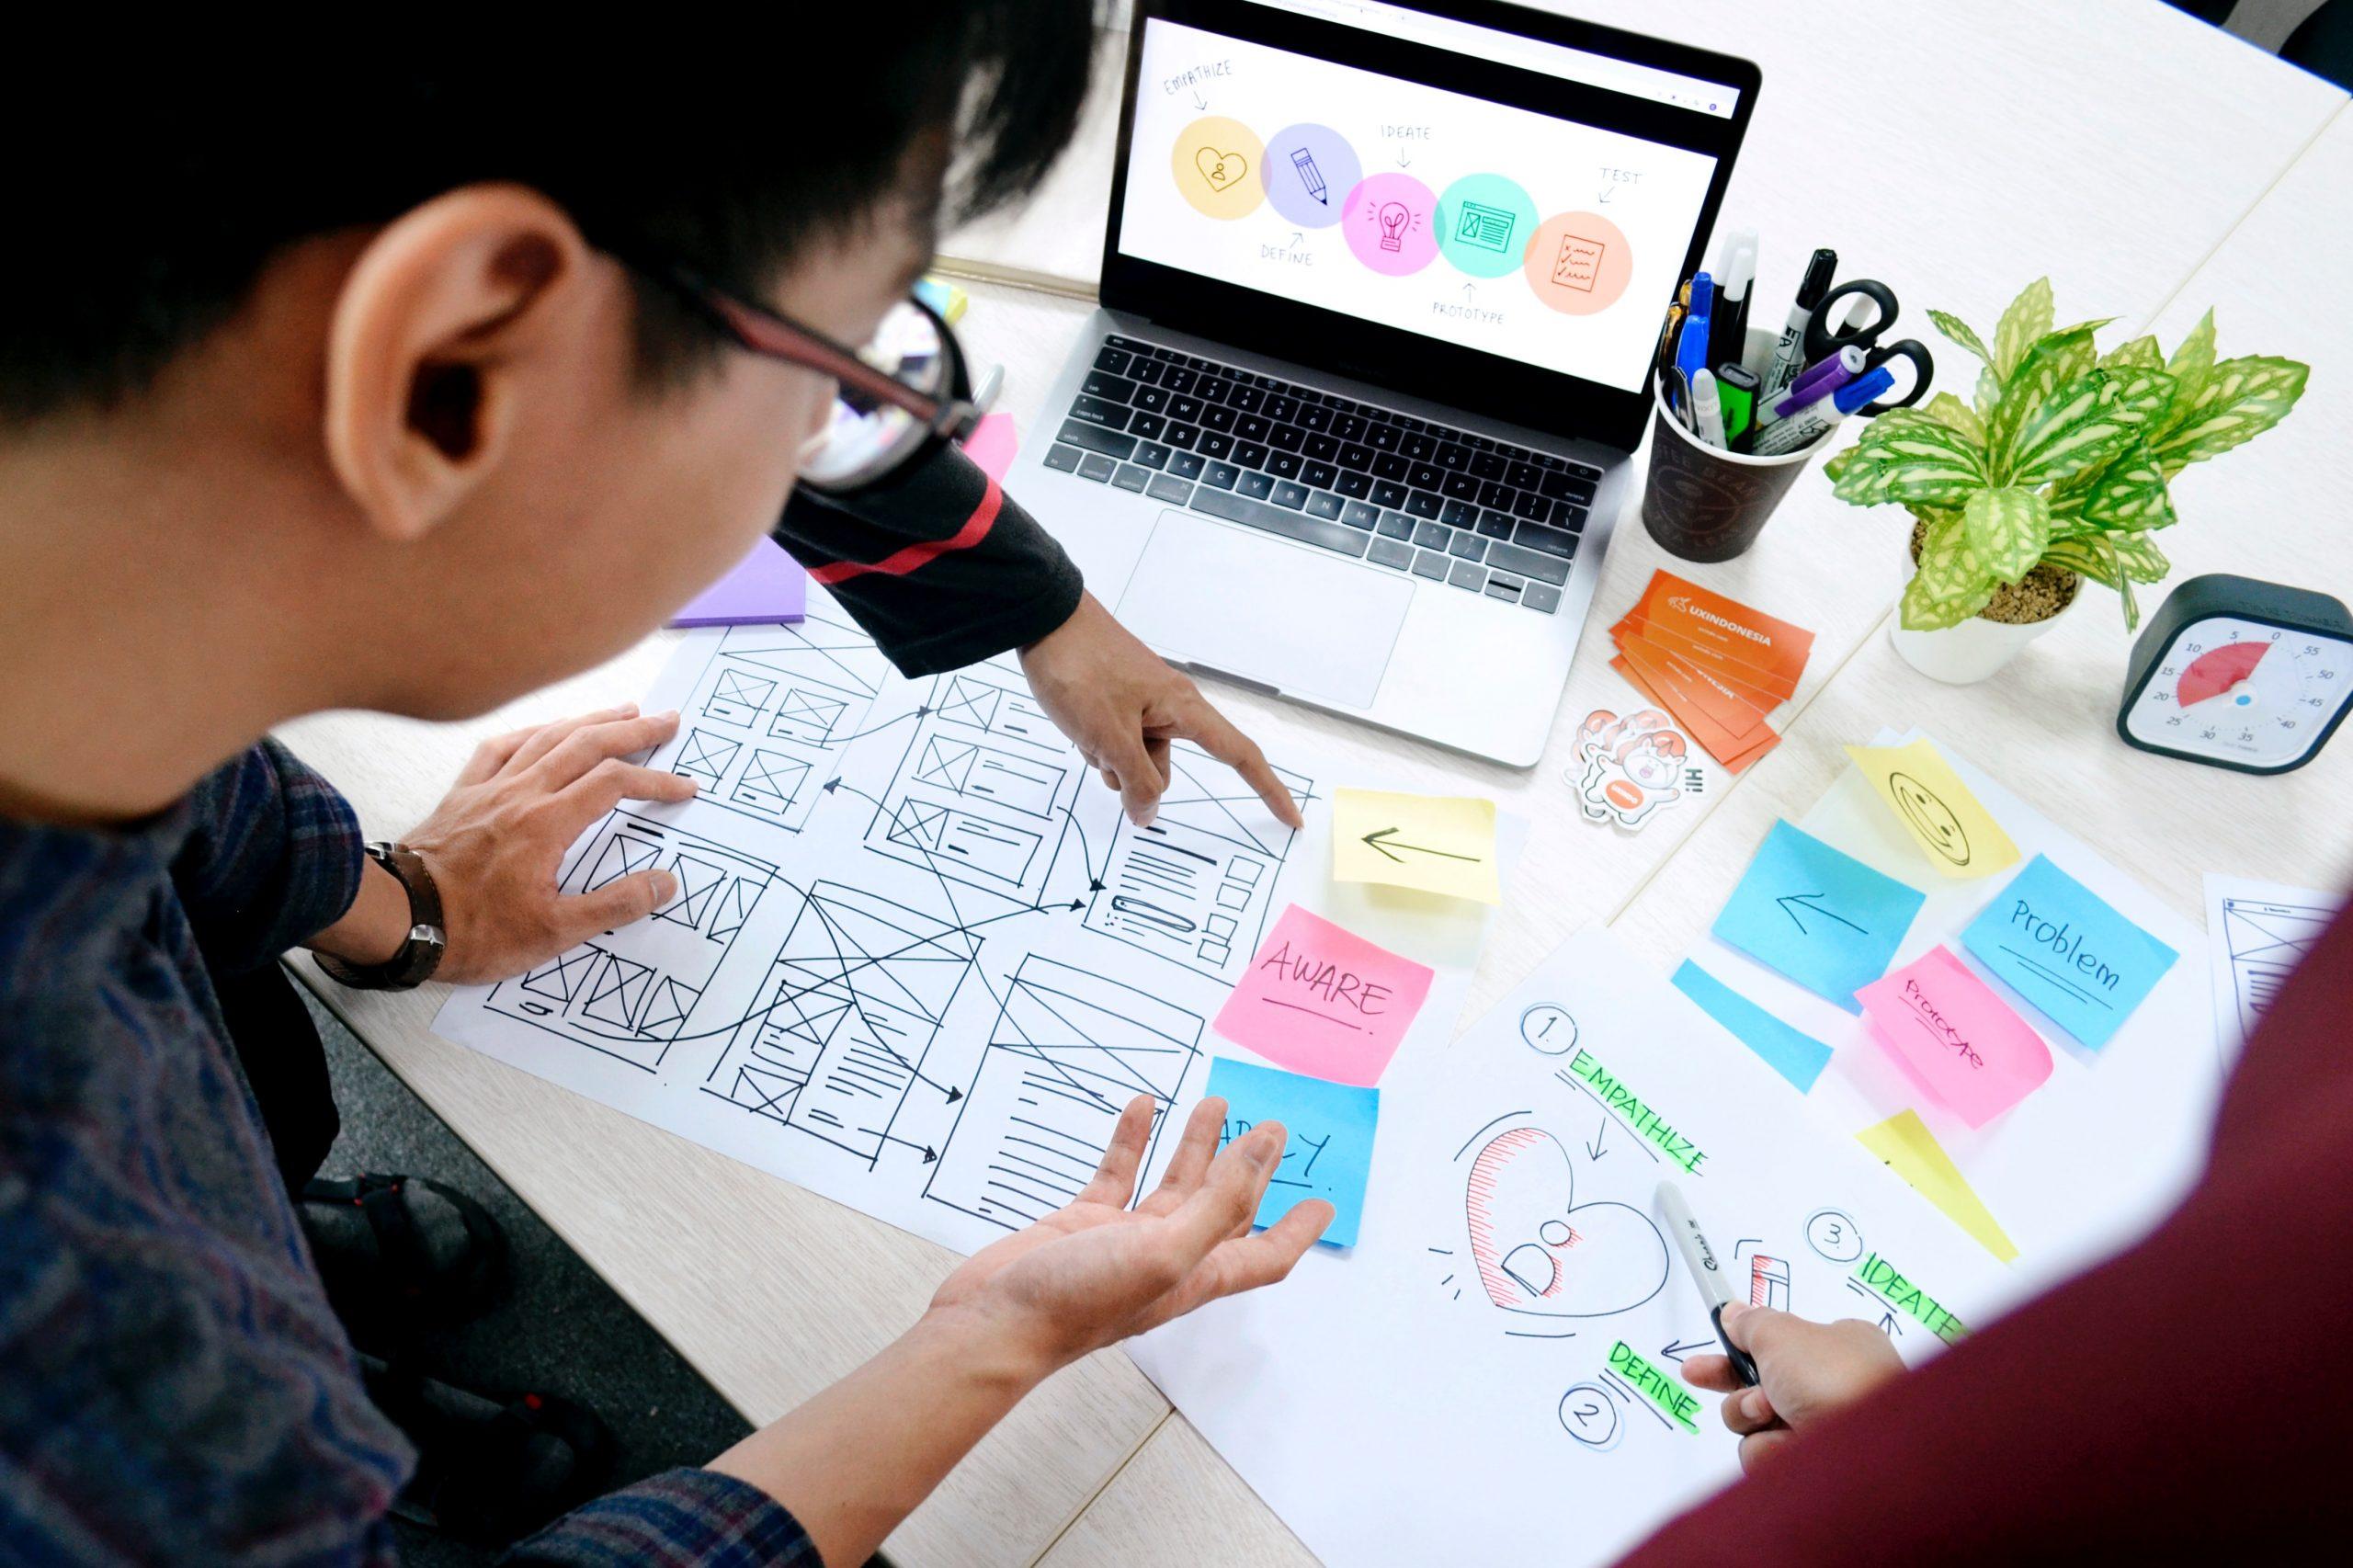 Smart Office Anwendungen stehen bei Smart Building Projekten im Fokus. Aber wie lässt sich die Akzeptanz der Nutzer steigern Mehr dazu gibt es hier.